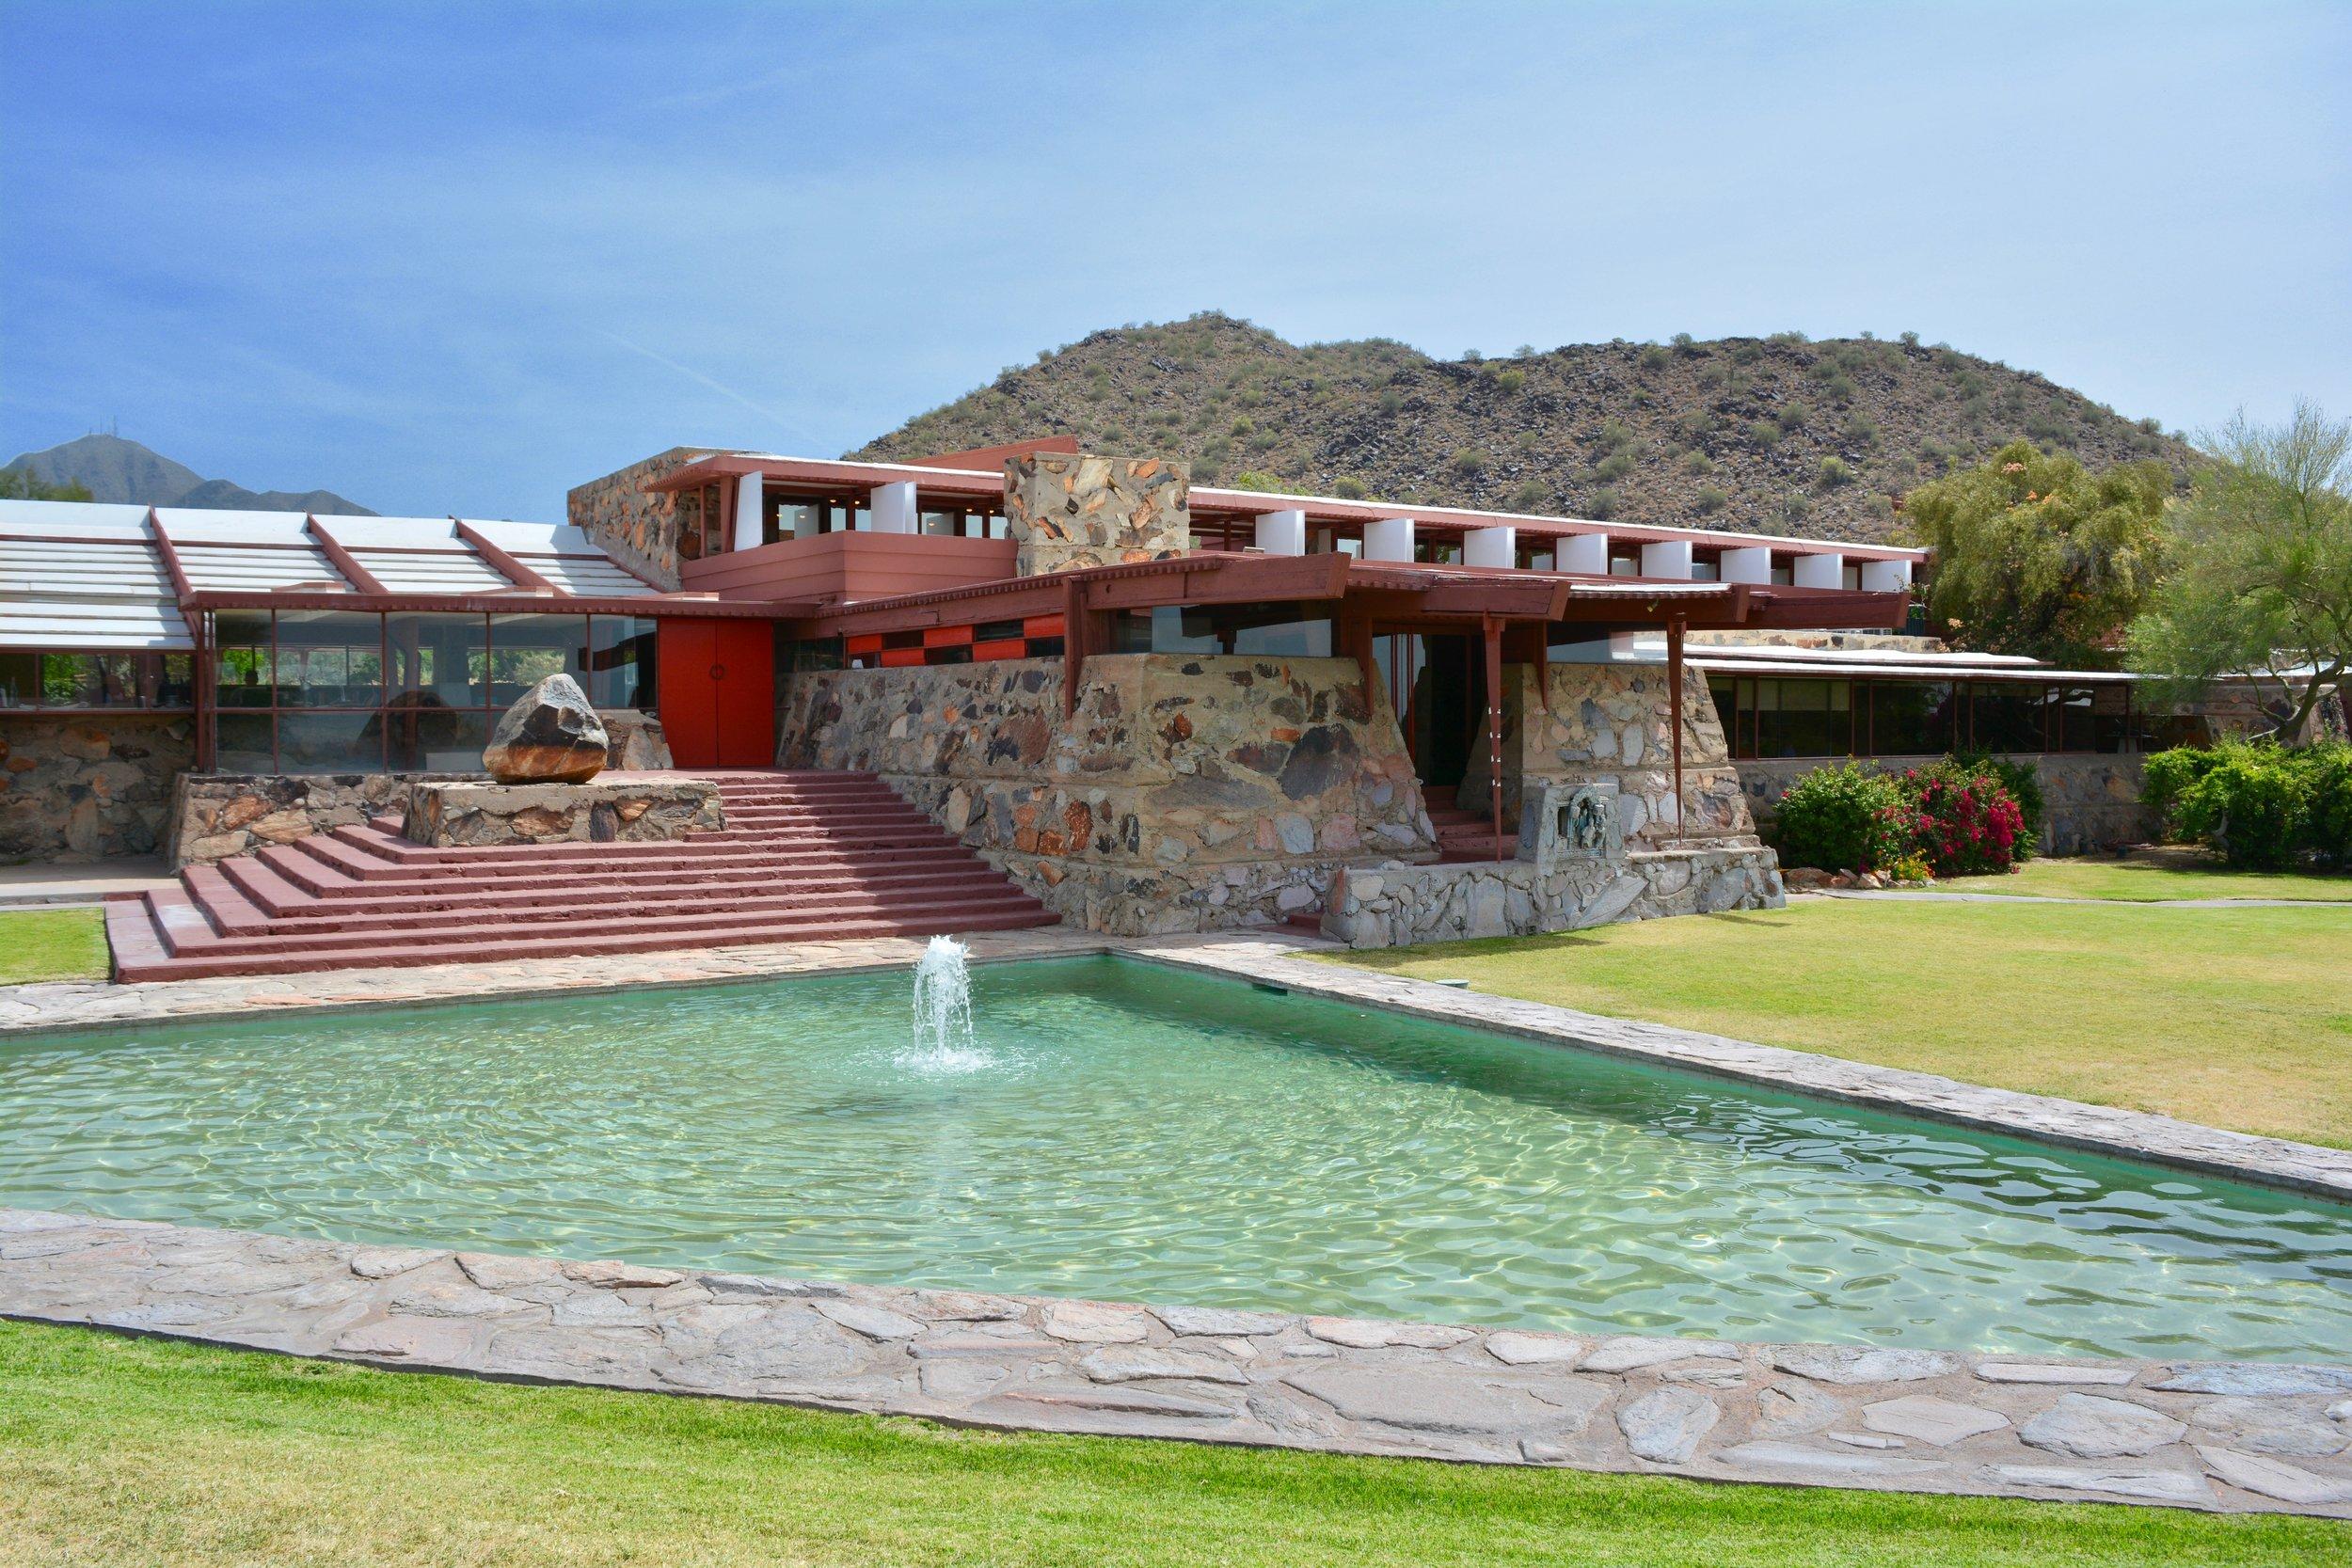 Frank Lloyd Wright's Taliesin West in Scottsdale, AZ